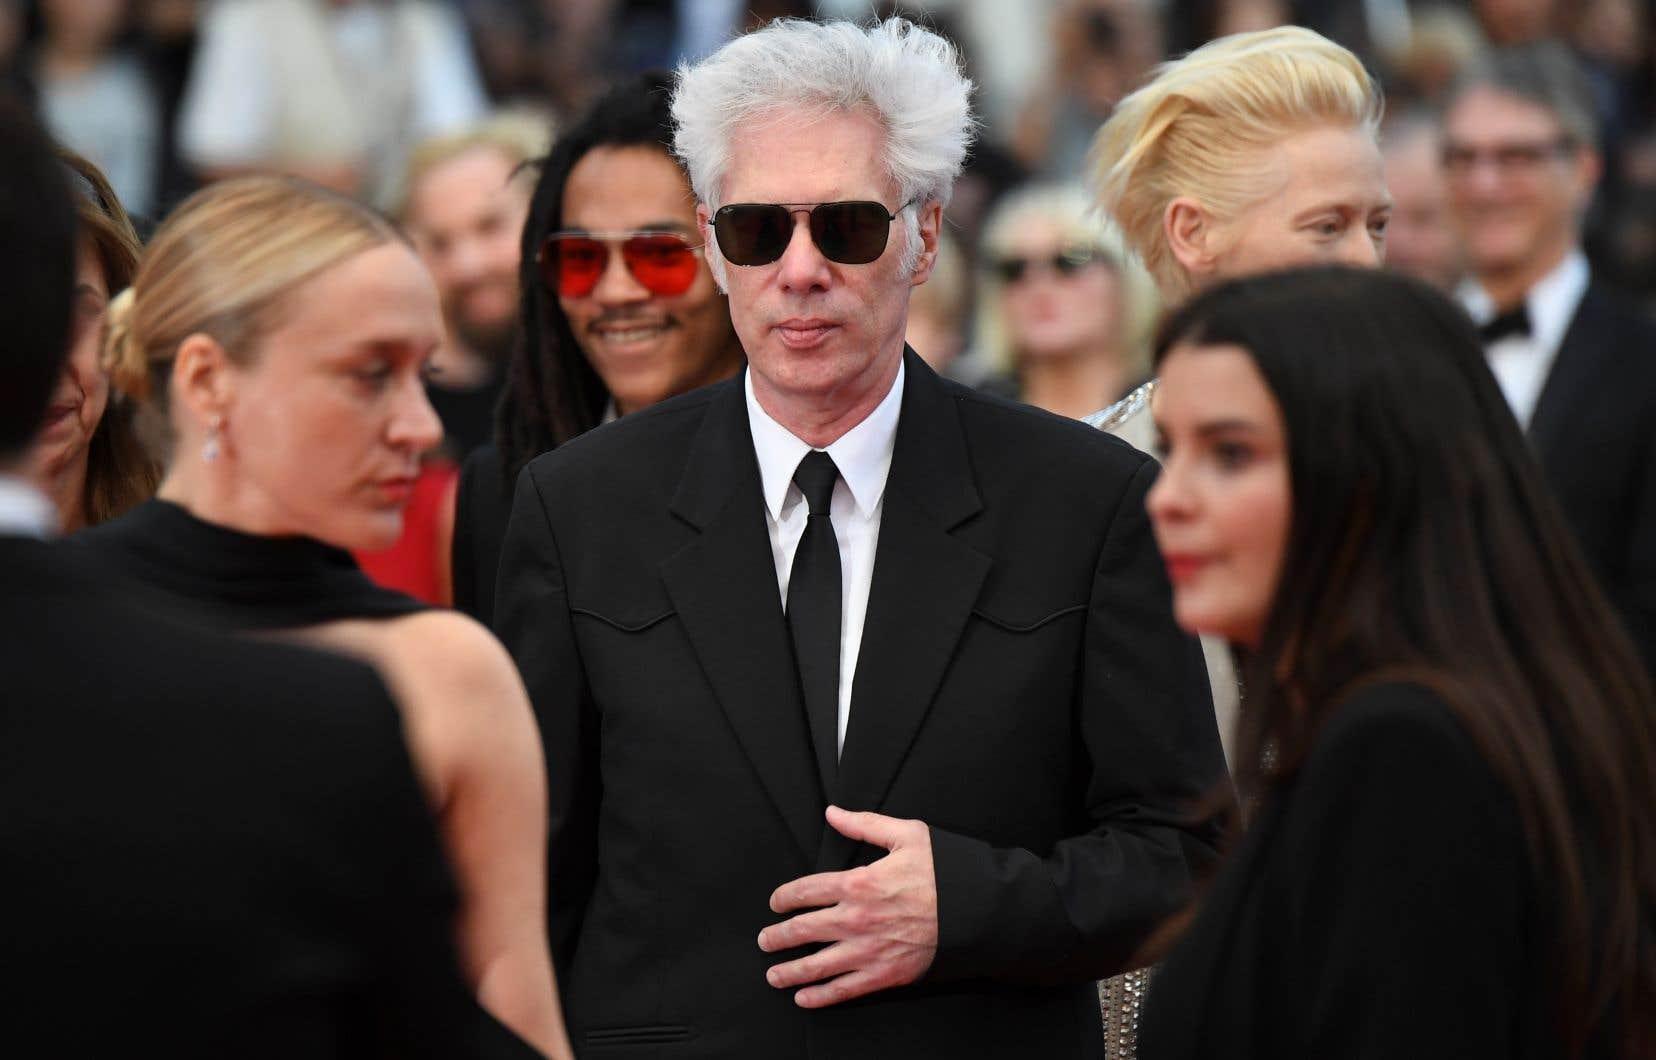 L'Américain Jim Jarmusch a livré un vibrant plaidoyer écologiste à Cannes.